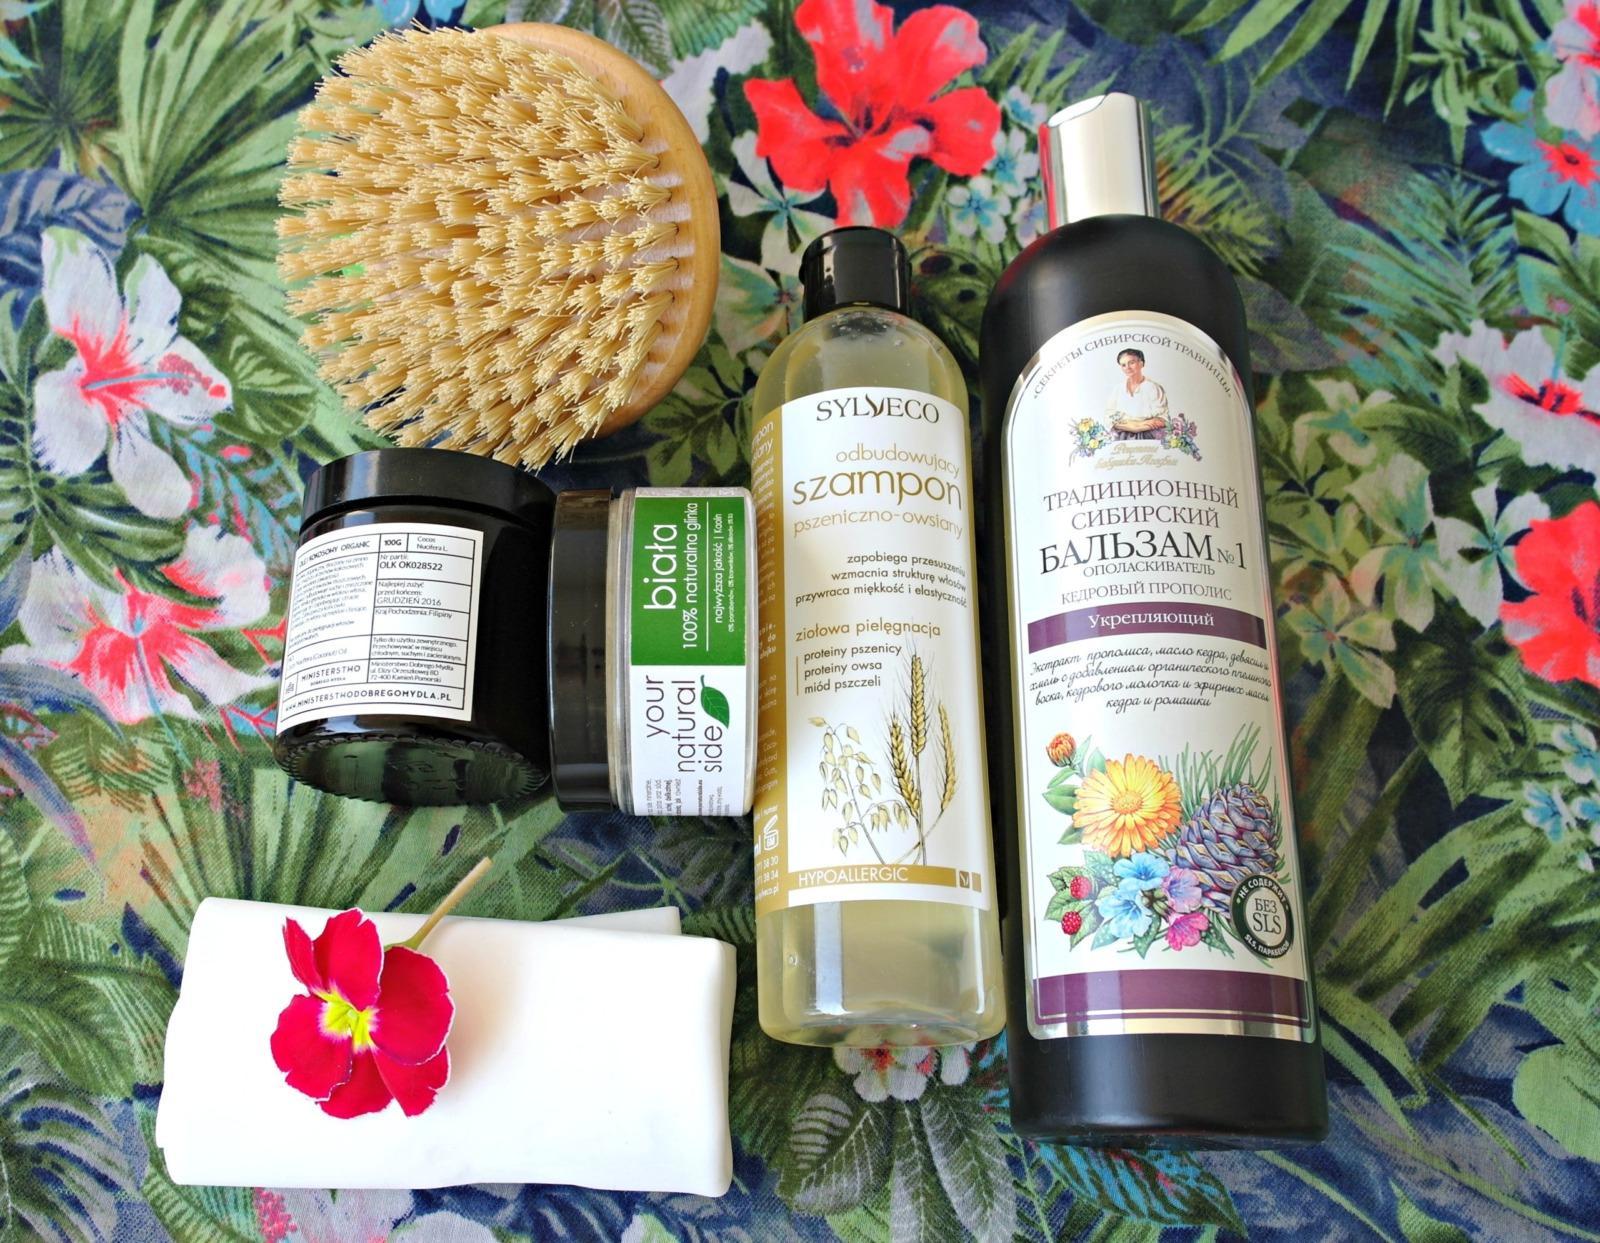 kosmetyki naturalne olej kokosowy szampon odżywka szczotka do ciala sciereczka